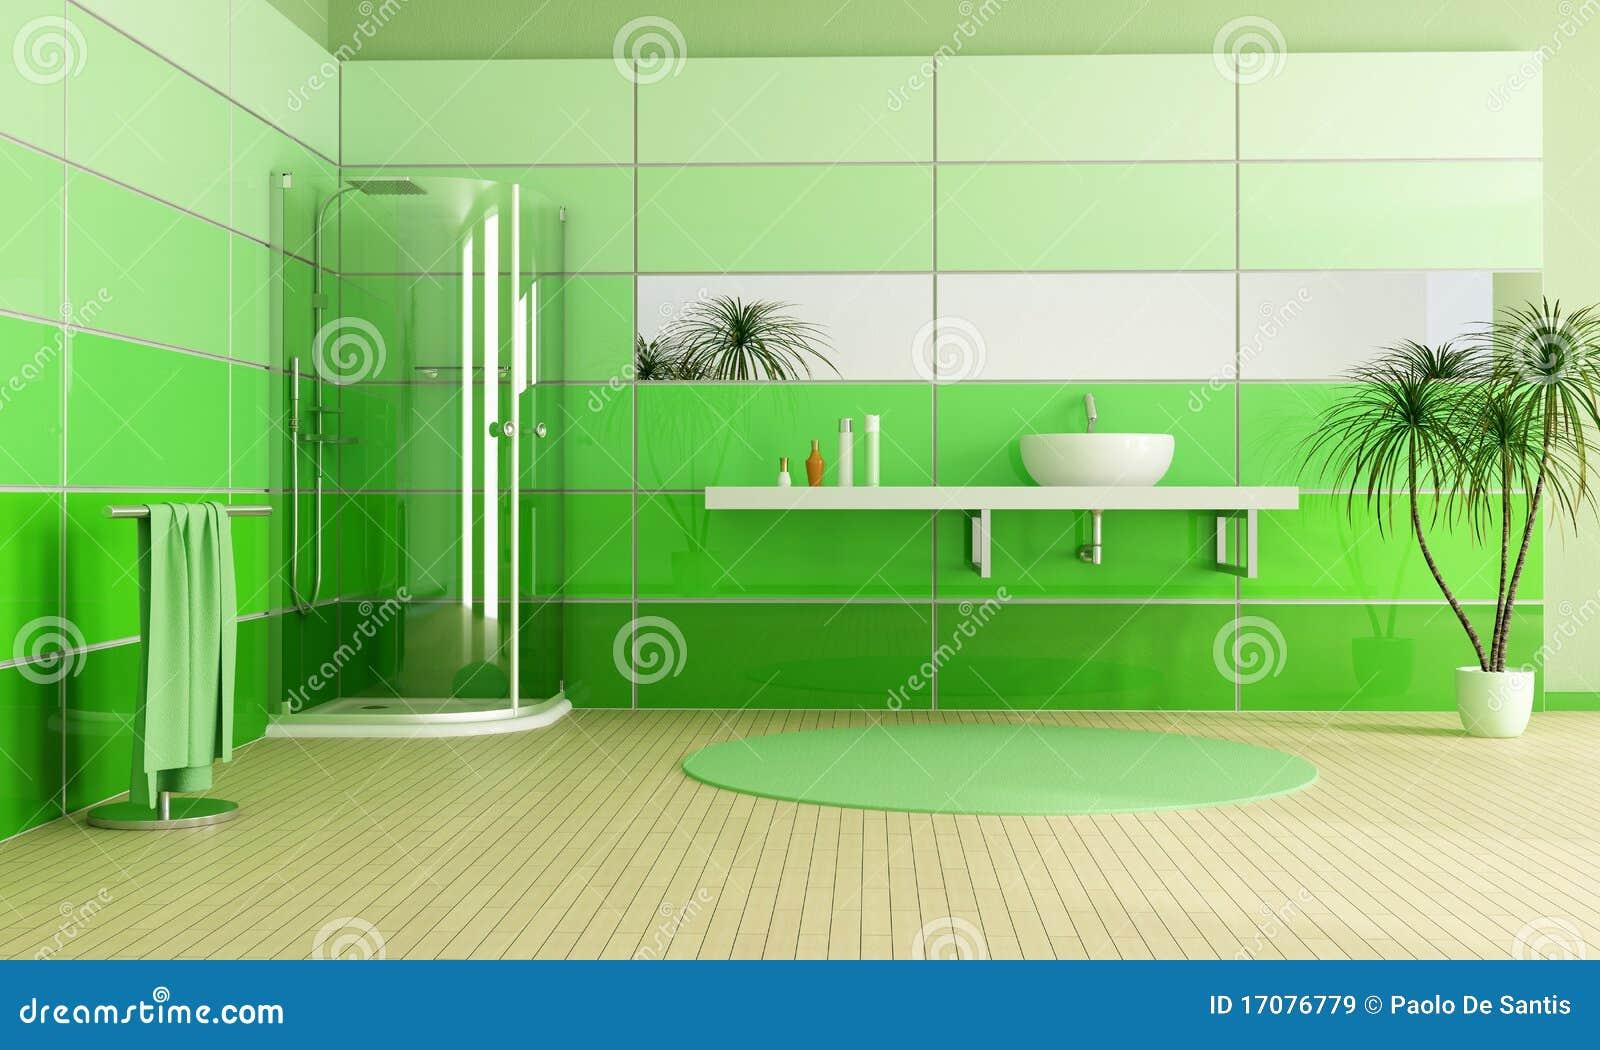 Banheiro Verde Moderno Imagens de Stock Royalty Free Imagem  #174B08 1300x870 Banheiro Com Banheira Verde